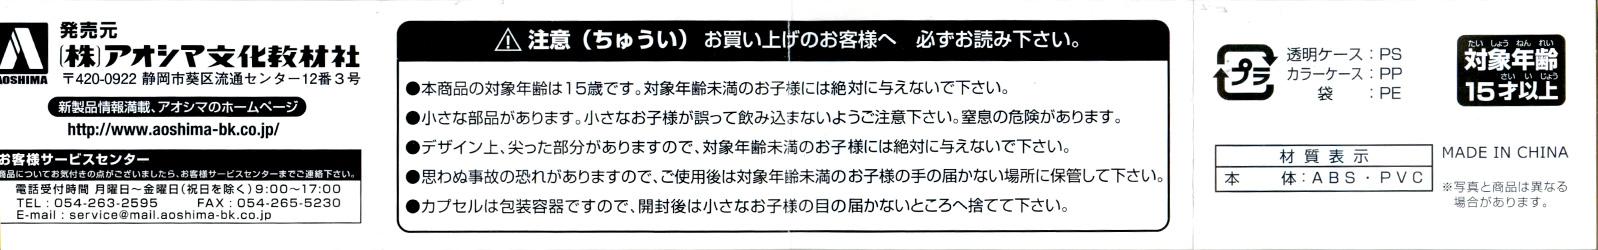 1/32 スーパーカブコレクション [アオシマ文化教材社]